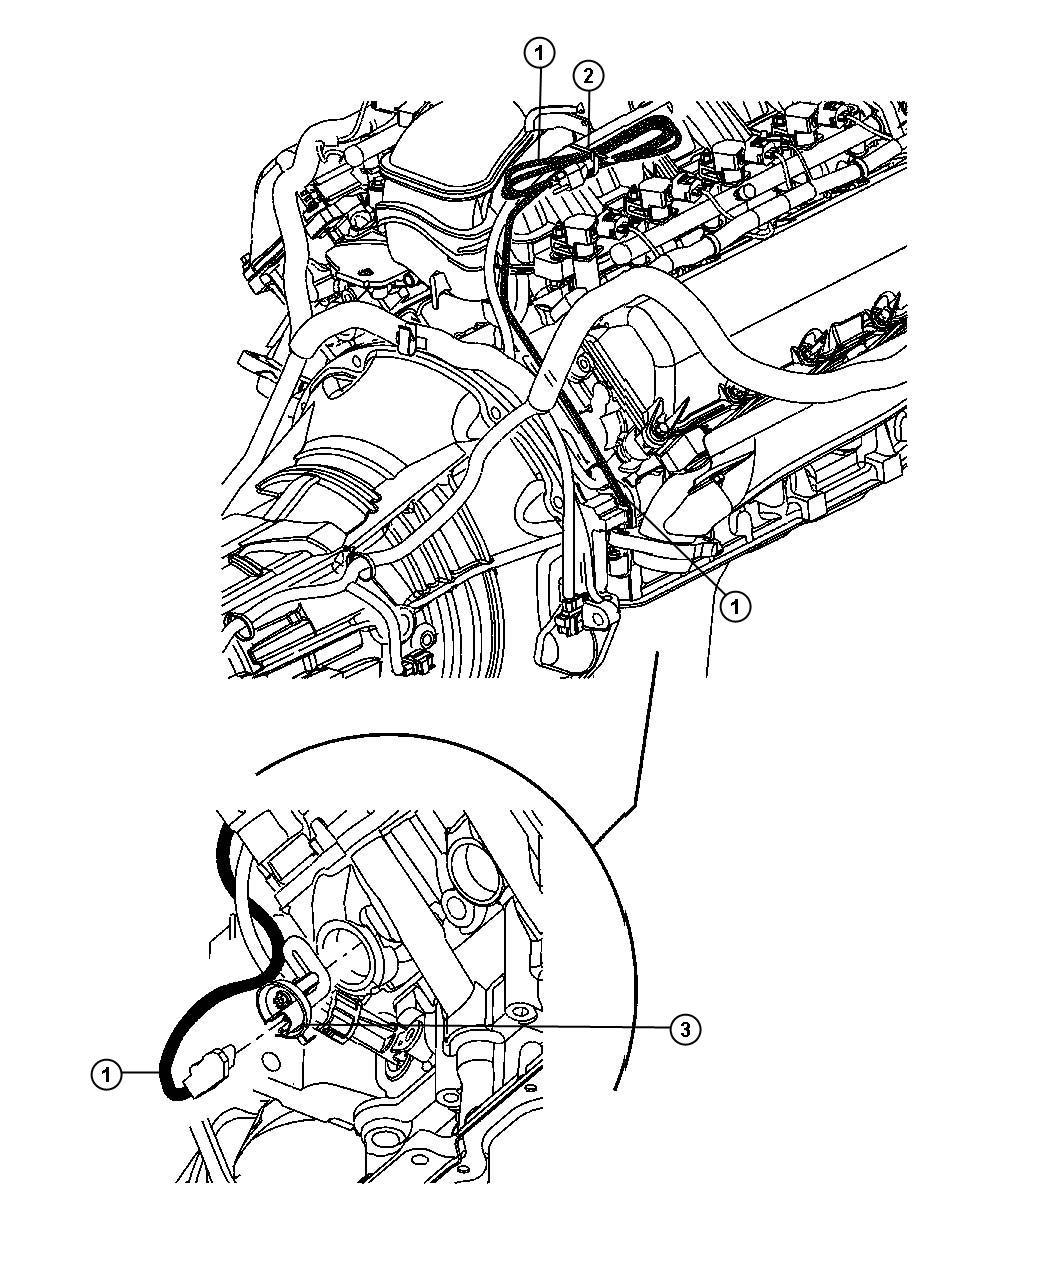 Scion Xb Belt Replacement Diagram also 2013 Kia Sorento Axle Shaft additionally Kia Sorento Body Parts Catalog likewise P 0996b43f8037a1f1 furthermore Basic Sensors Diagnostics. on 2018 kia sorento accessories